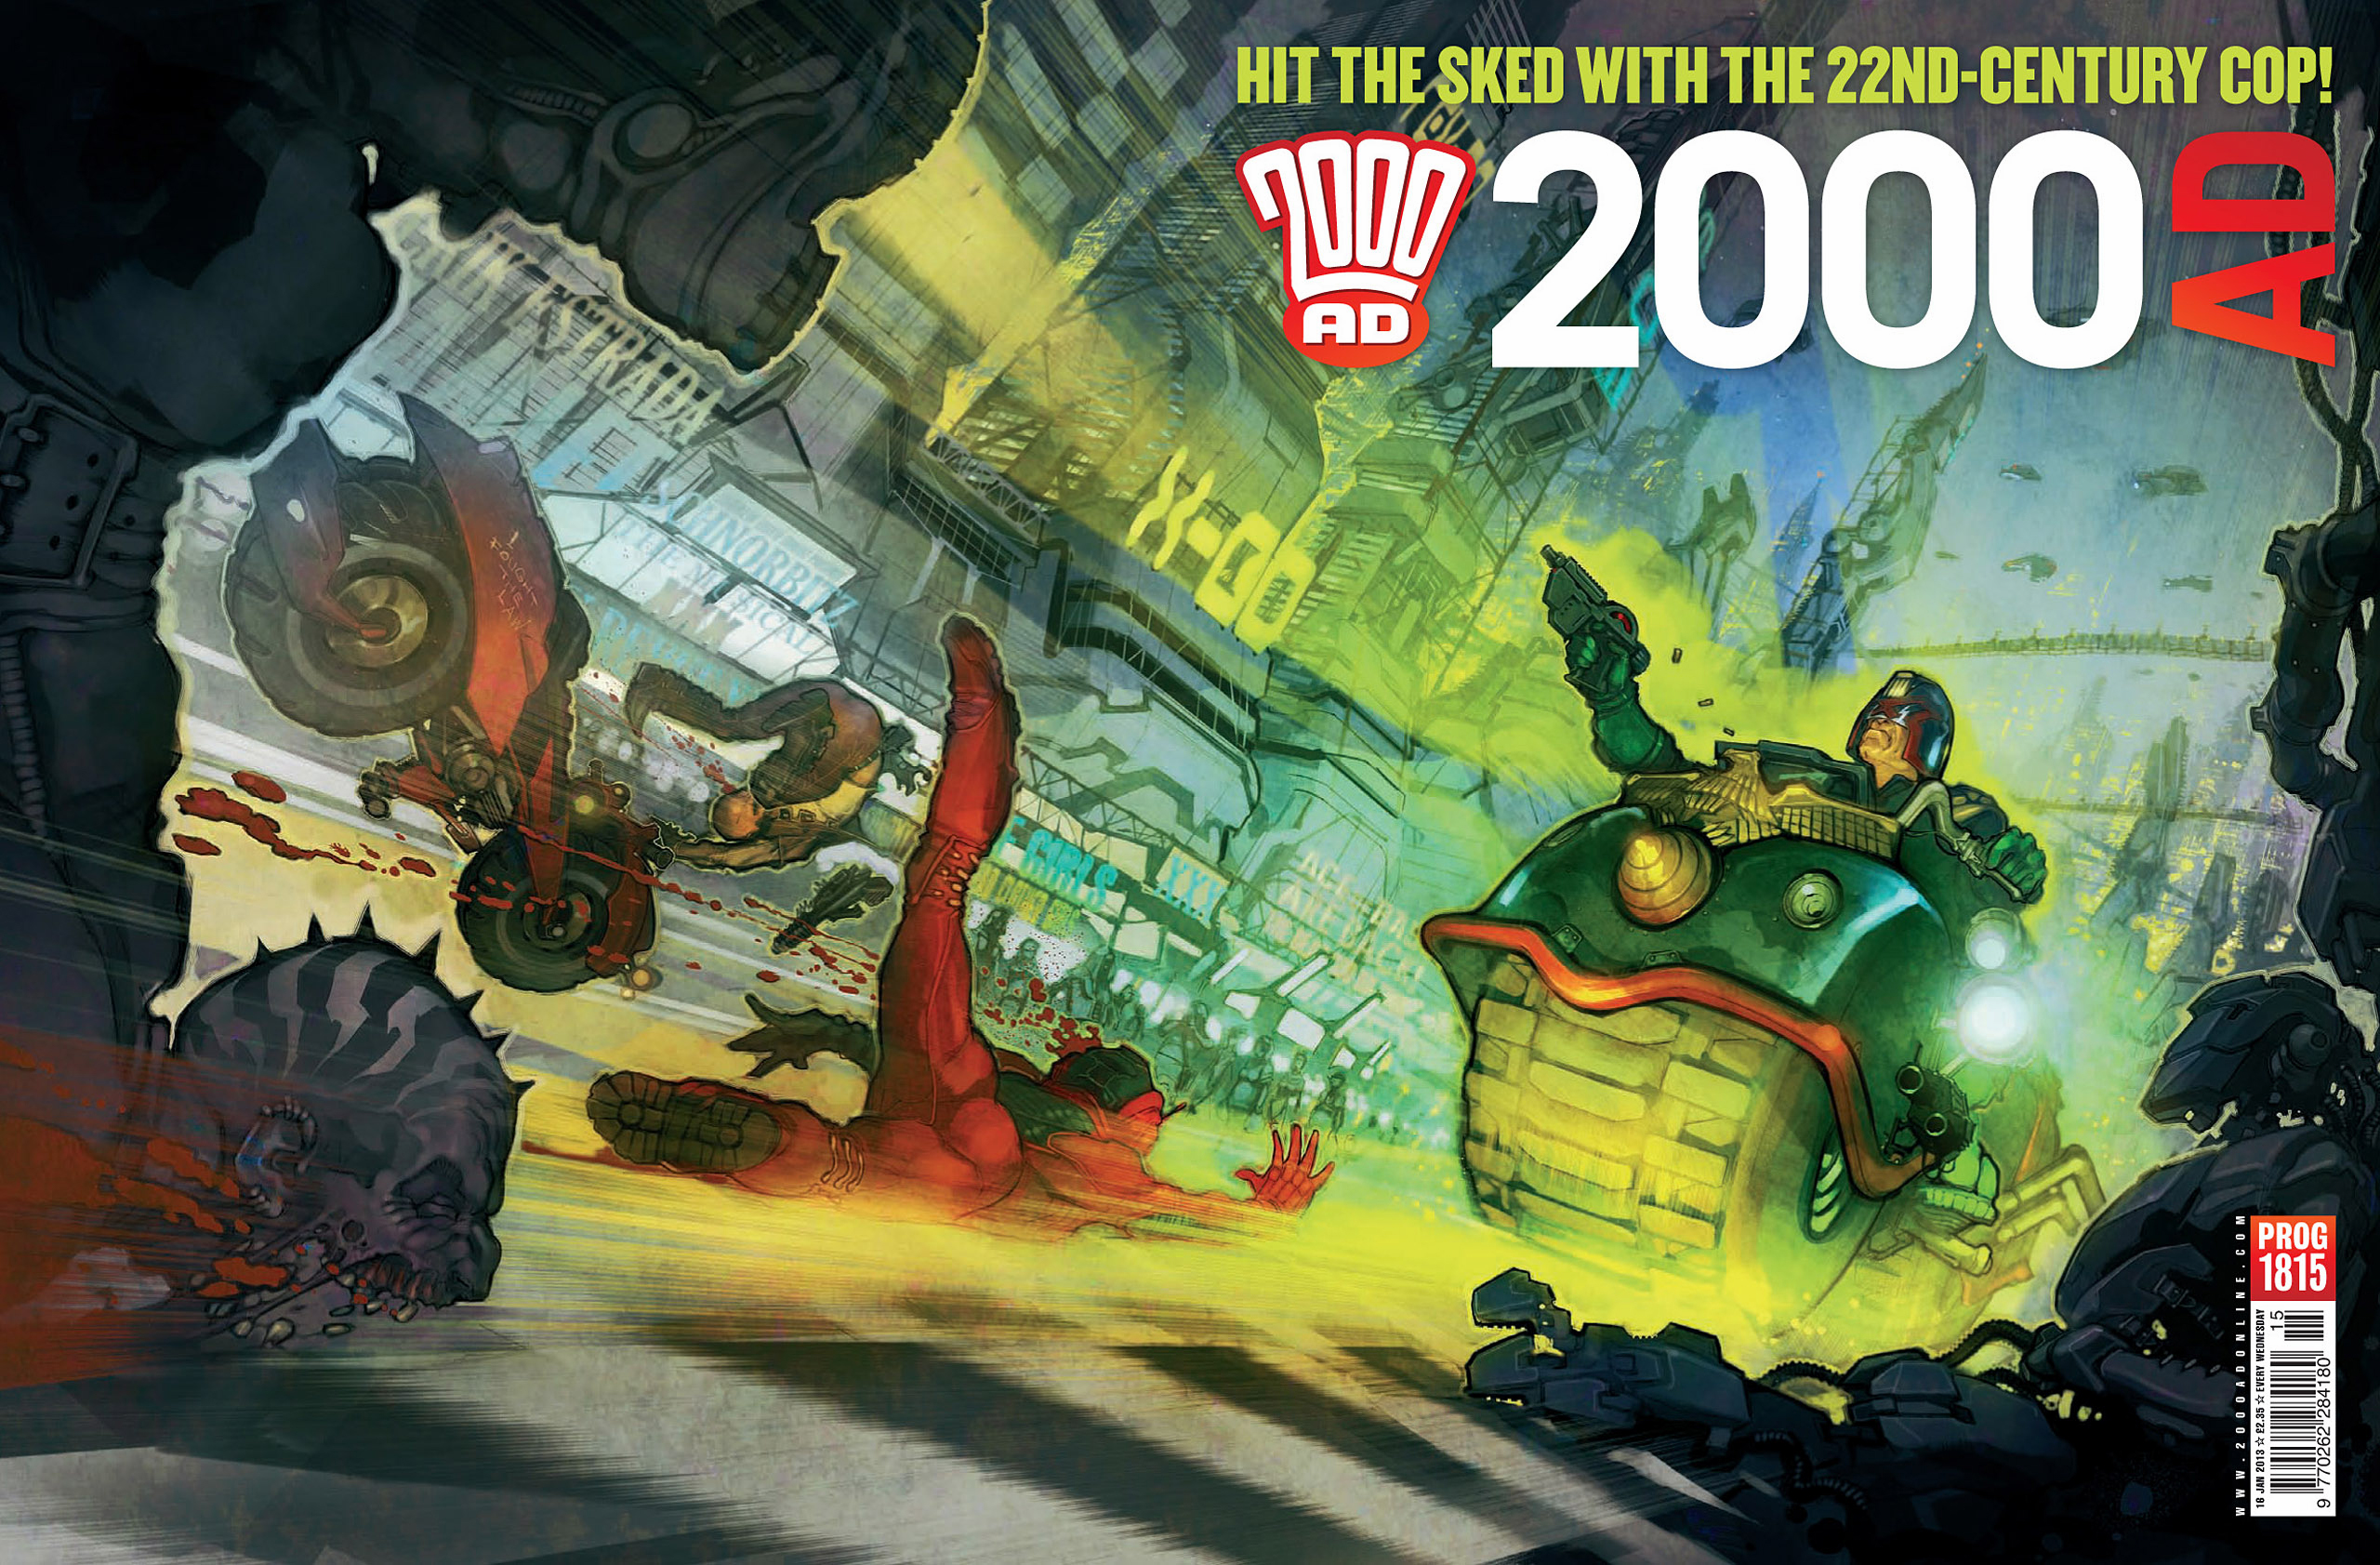 2000adprog1815